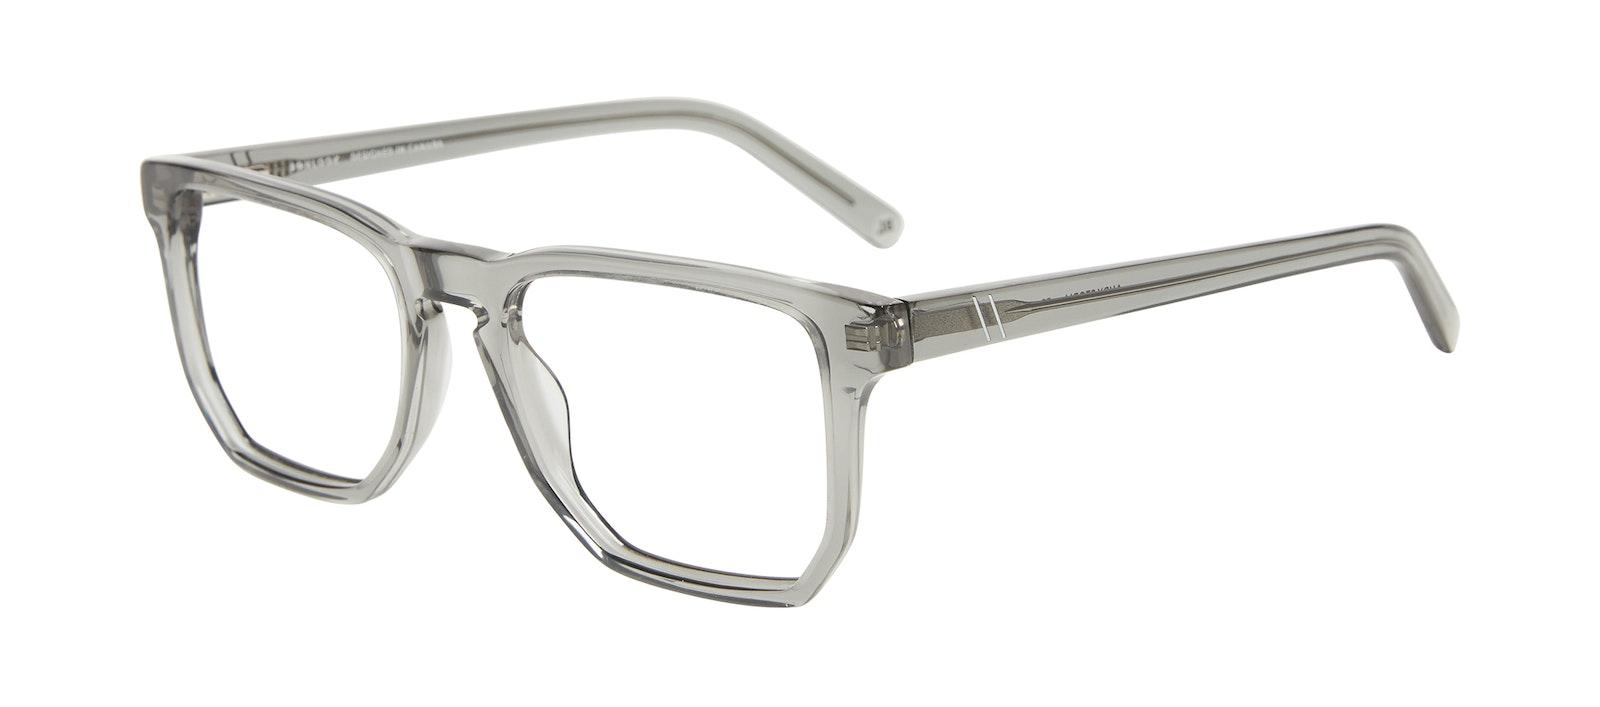 Affordable Fashion Glasses Square Eyeglasses Men Andy Storm Tilt